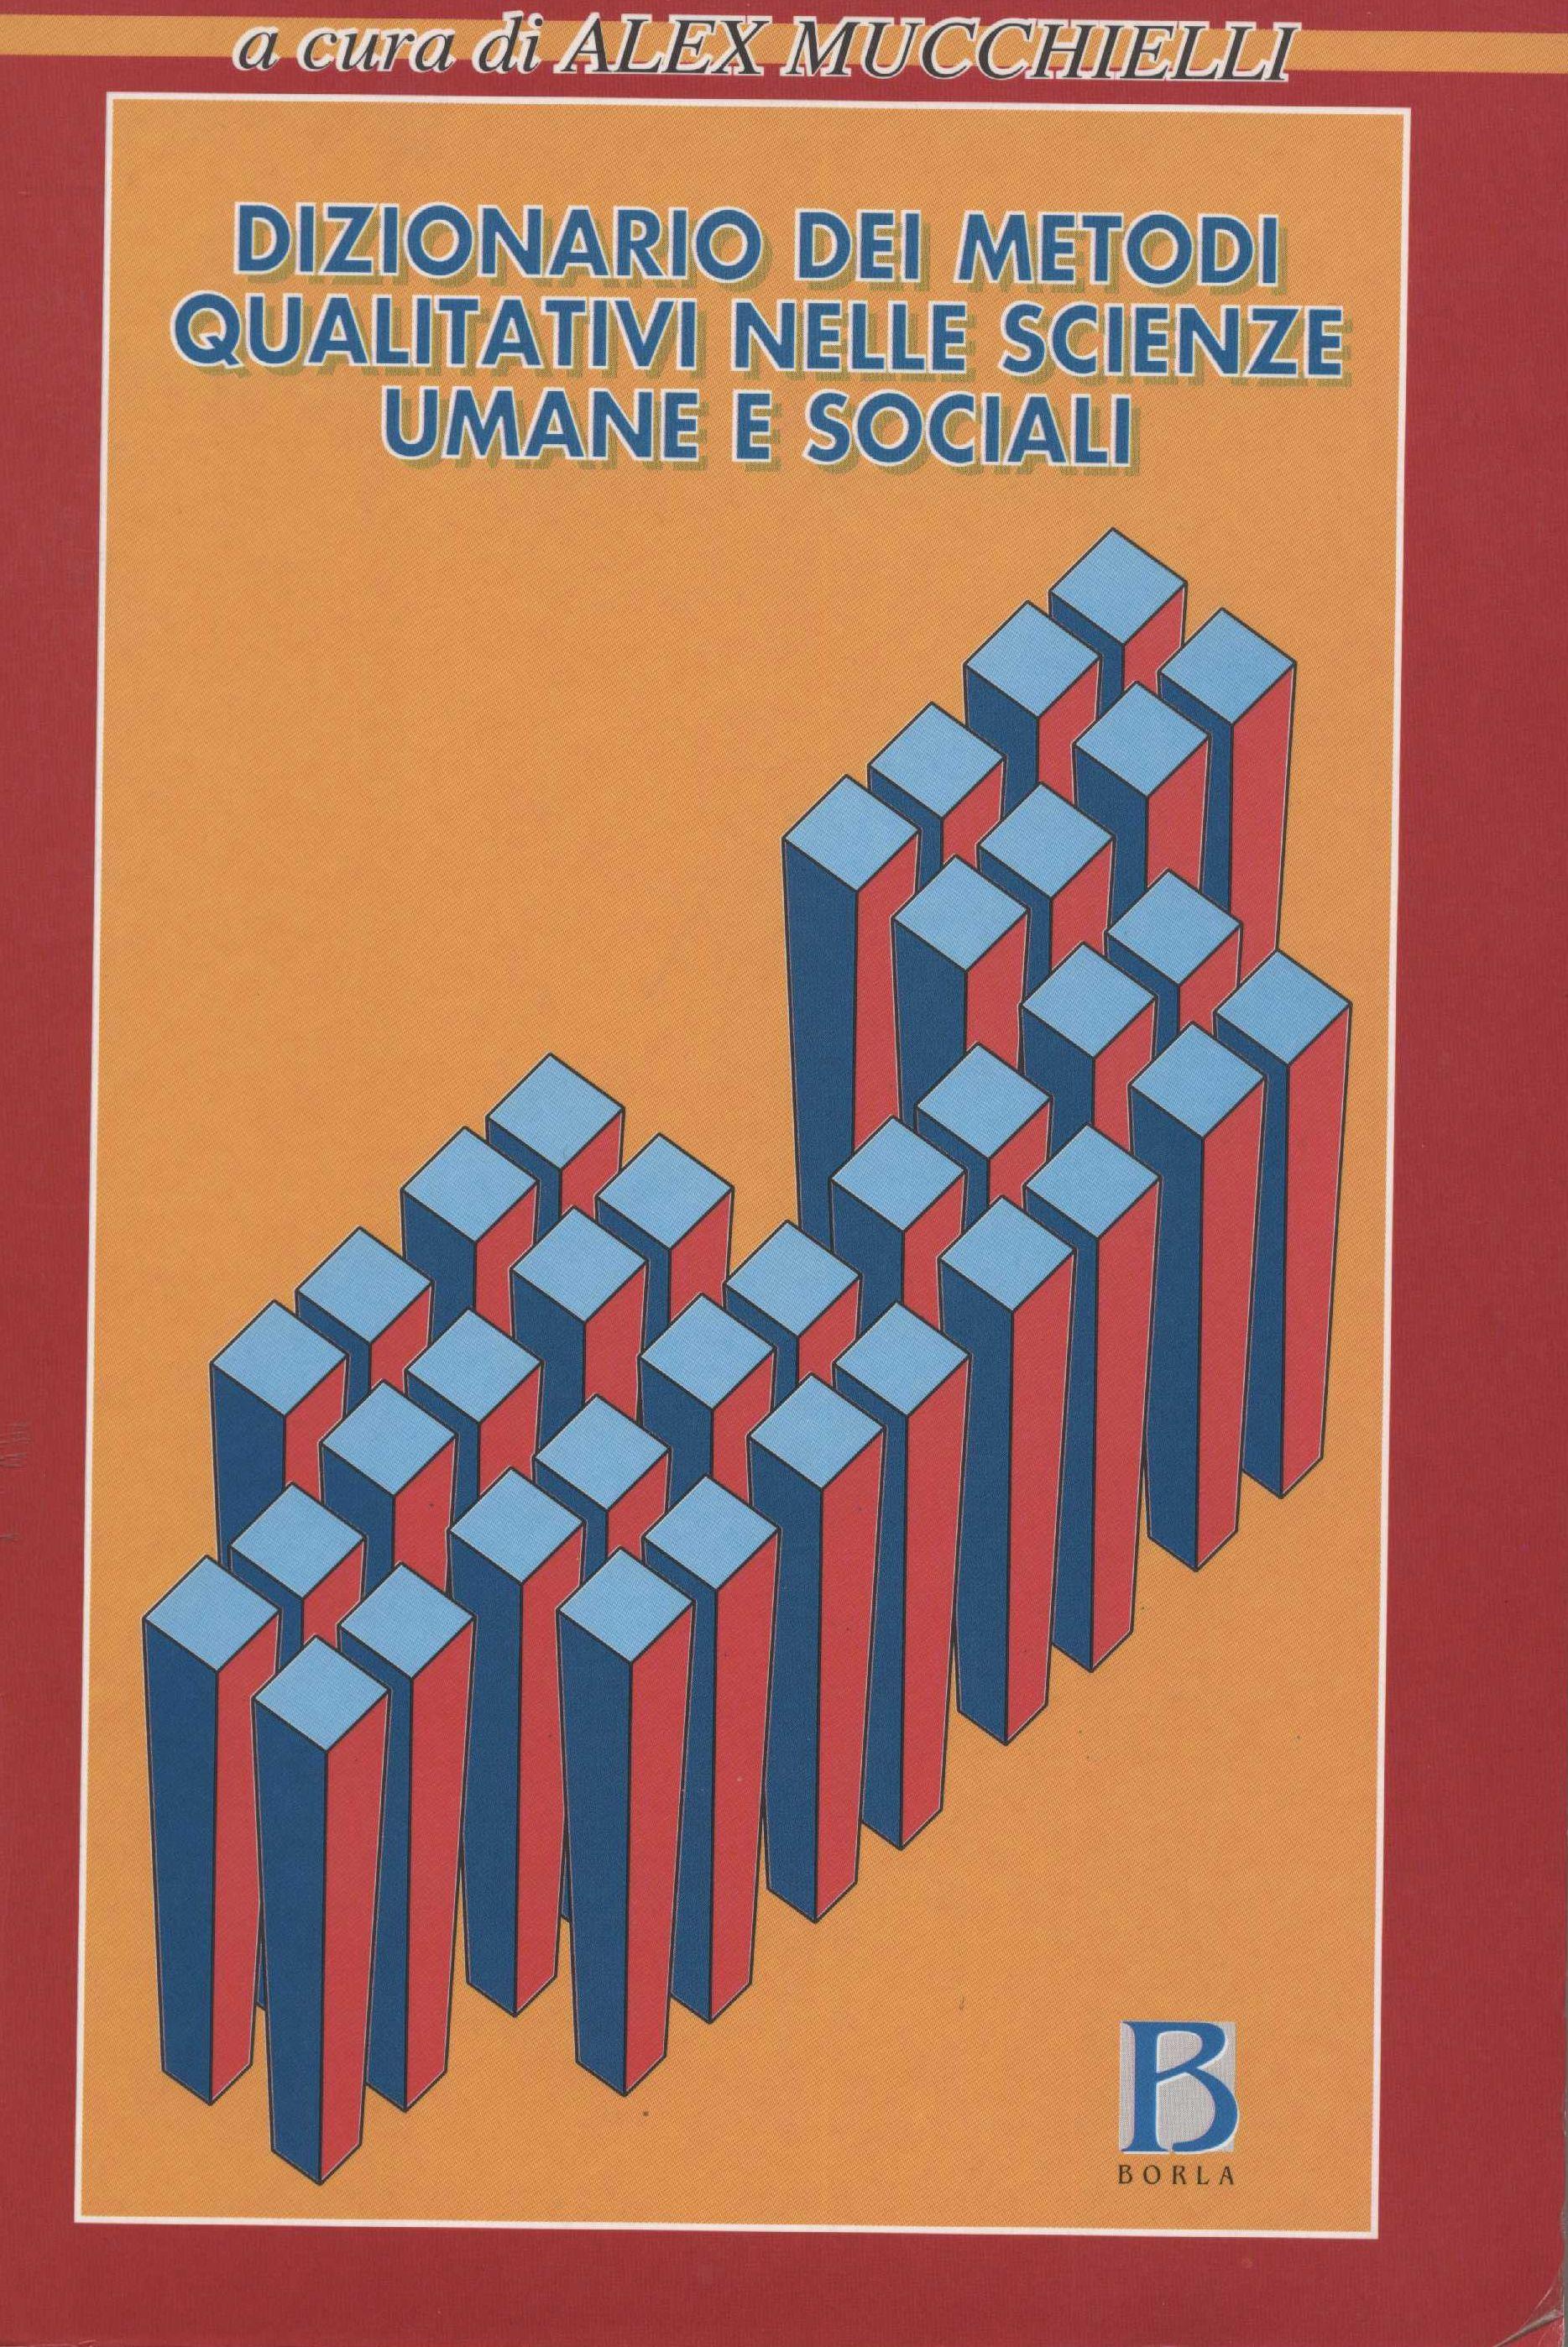 Dizionario dei metodi qualitativi nelle scienze umane e sociali